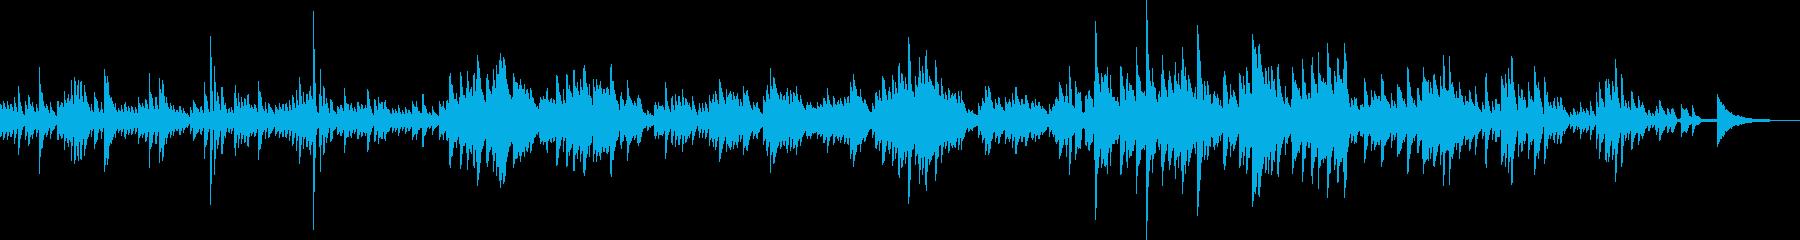 輝く星々(ピアノ、キラキラ、優しい)の再生済みの波形